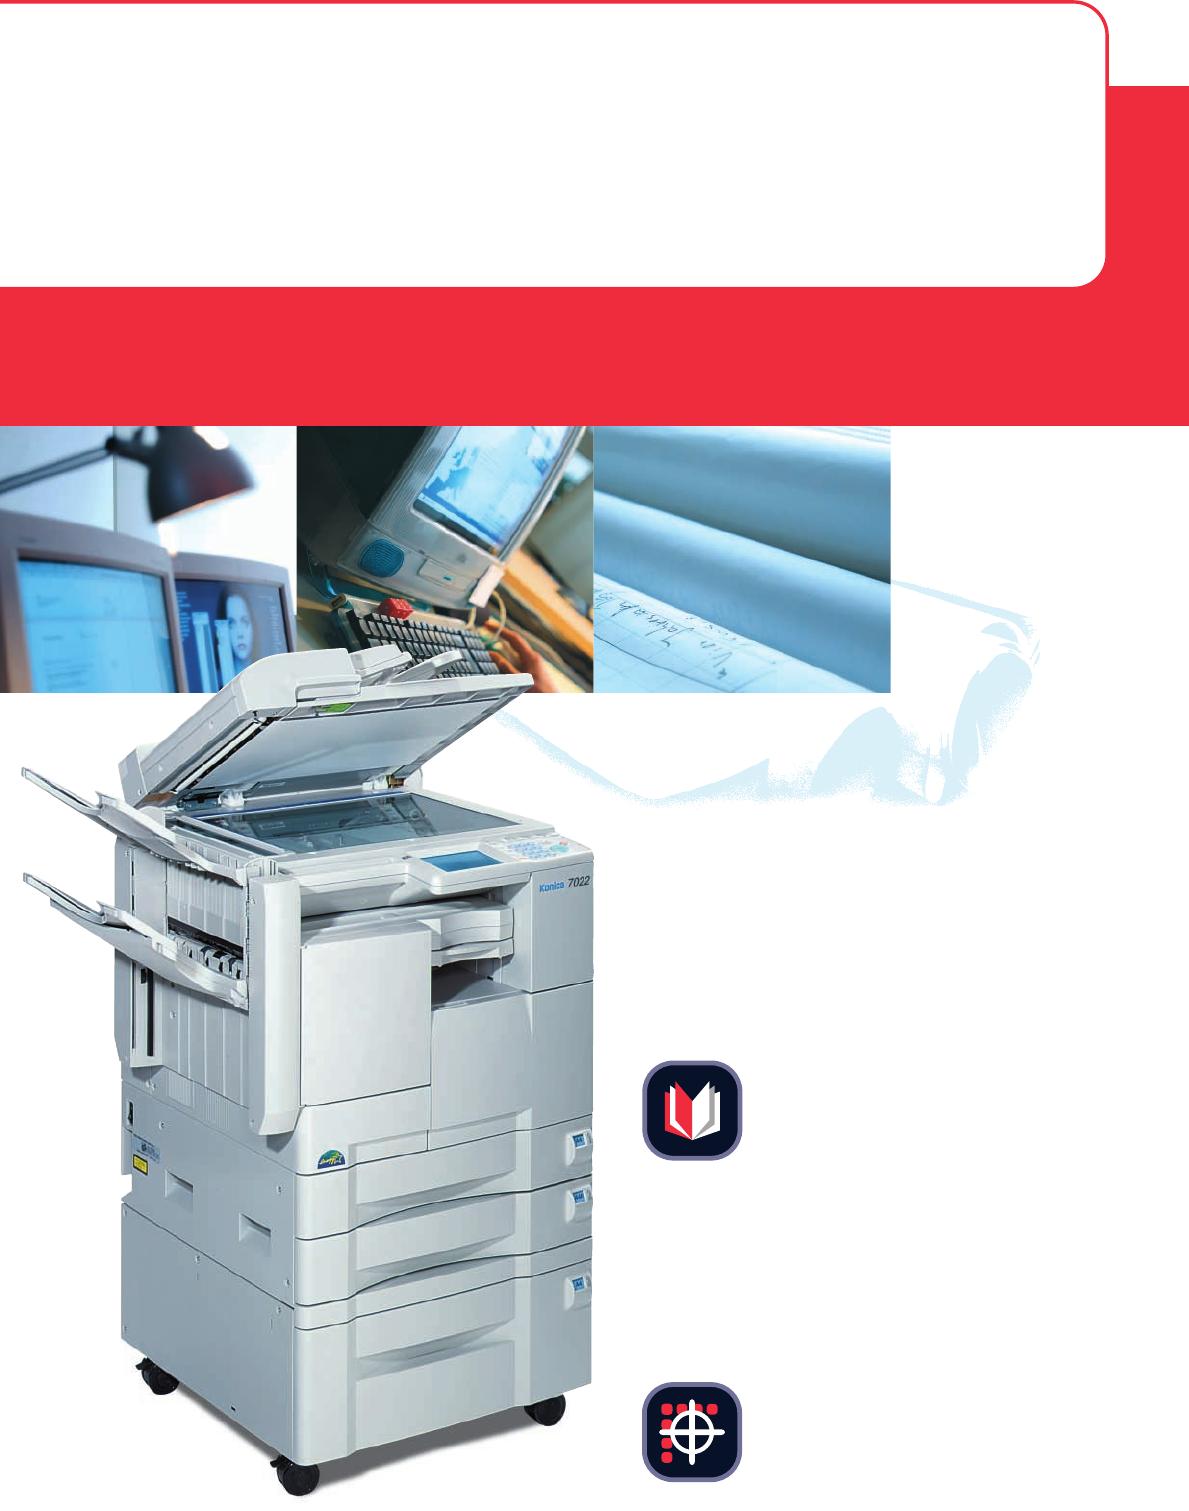 konica minolta all in one printer 7022 user guide manualsonline com rh office manualsonline com Konica Minolta Printer Transparent Konica Minolta Bizhub Printers